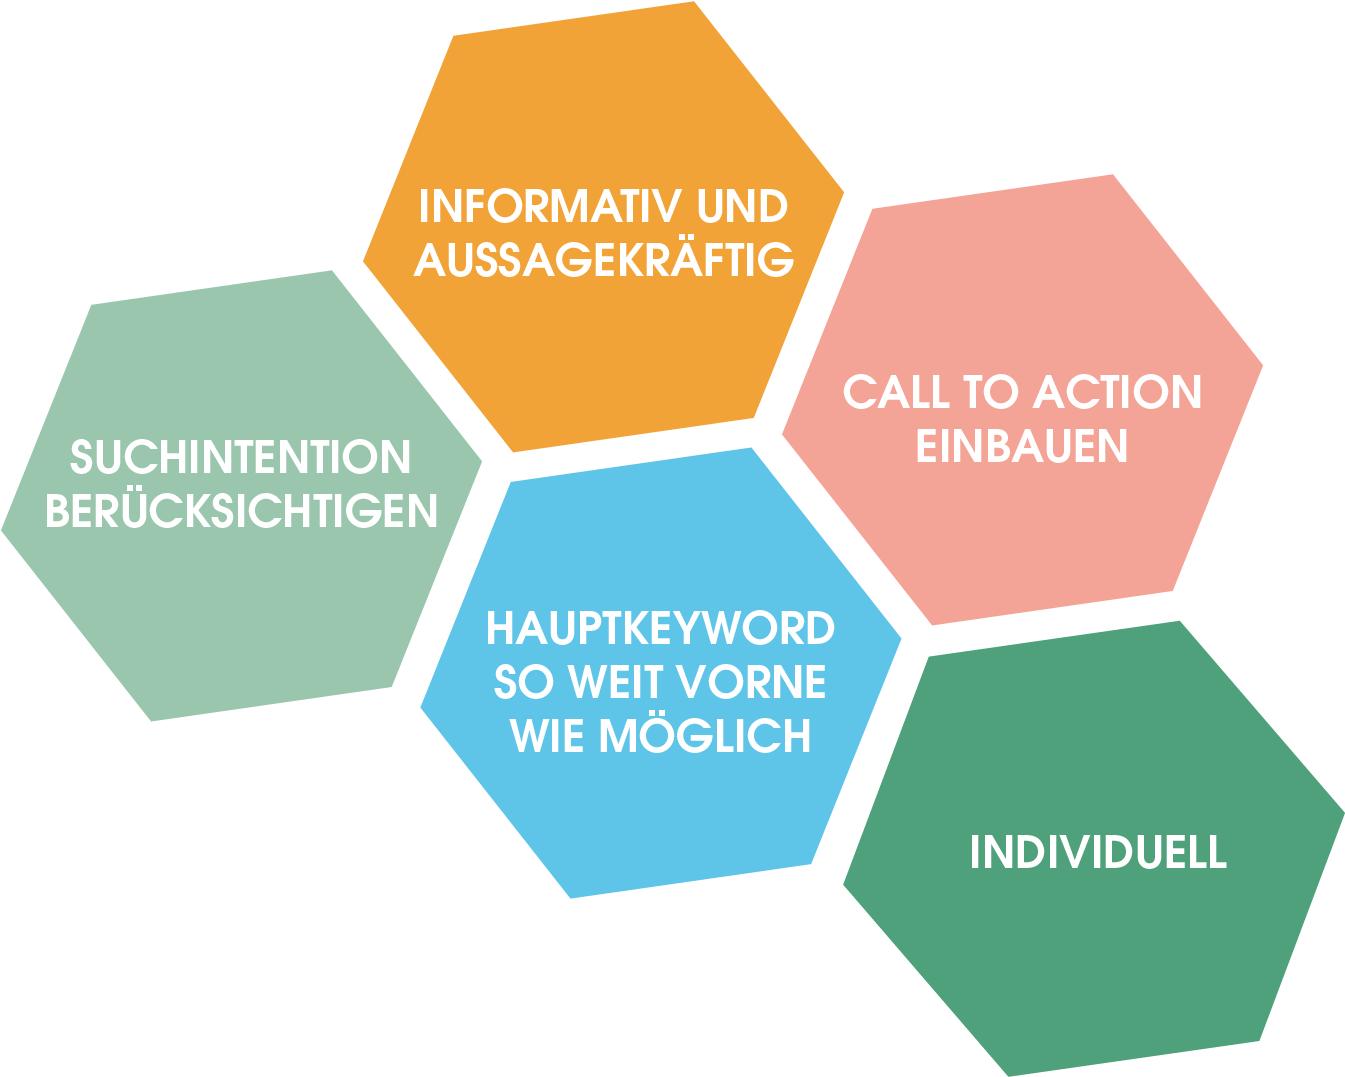 Auf einen Blick: Die Anforderungen bei der Erstellung eines Snippet-Titles: - Suchintention berücksichtigen - informativ und aussagekräftig - Call to Action einbauen - Haupkeyword so weit vorne wie möglich - individuell